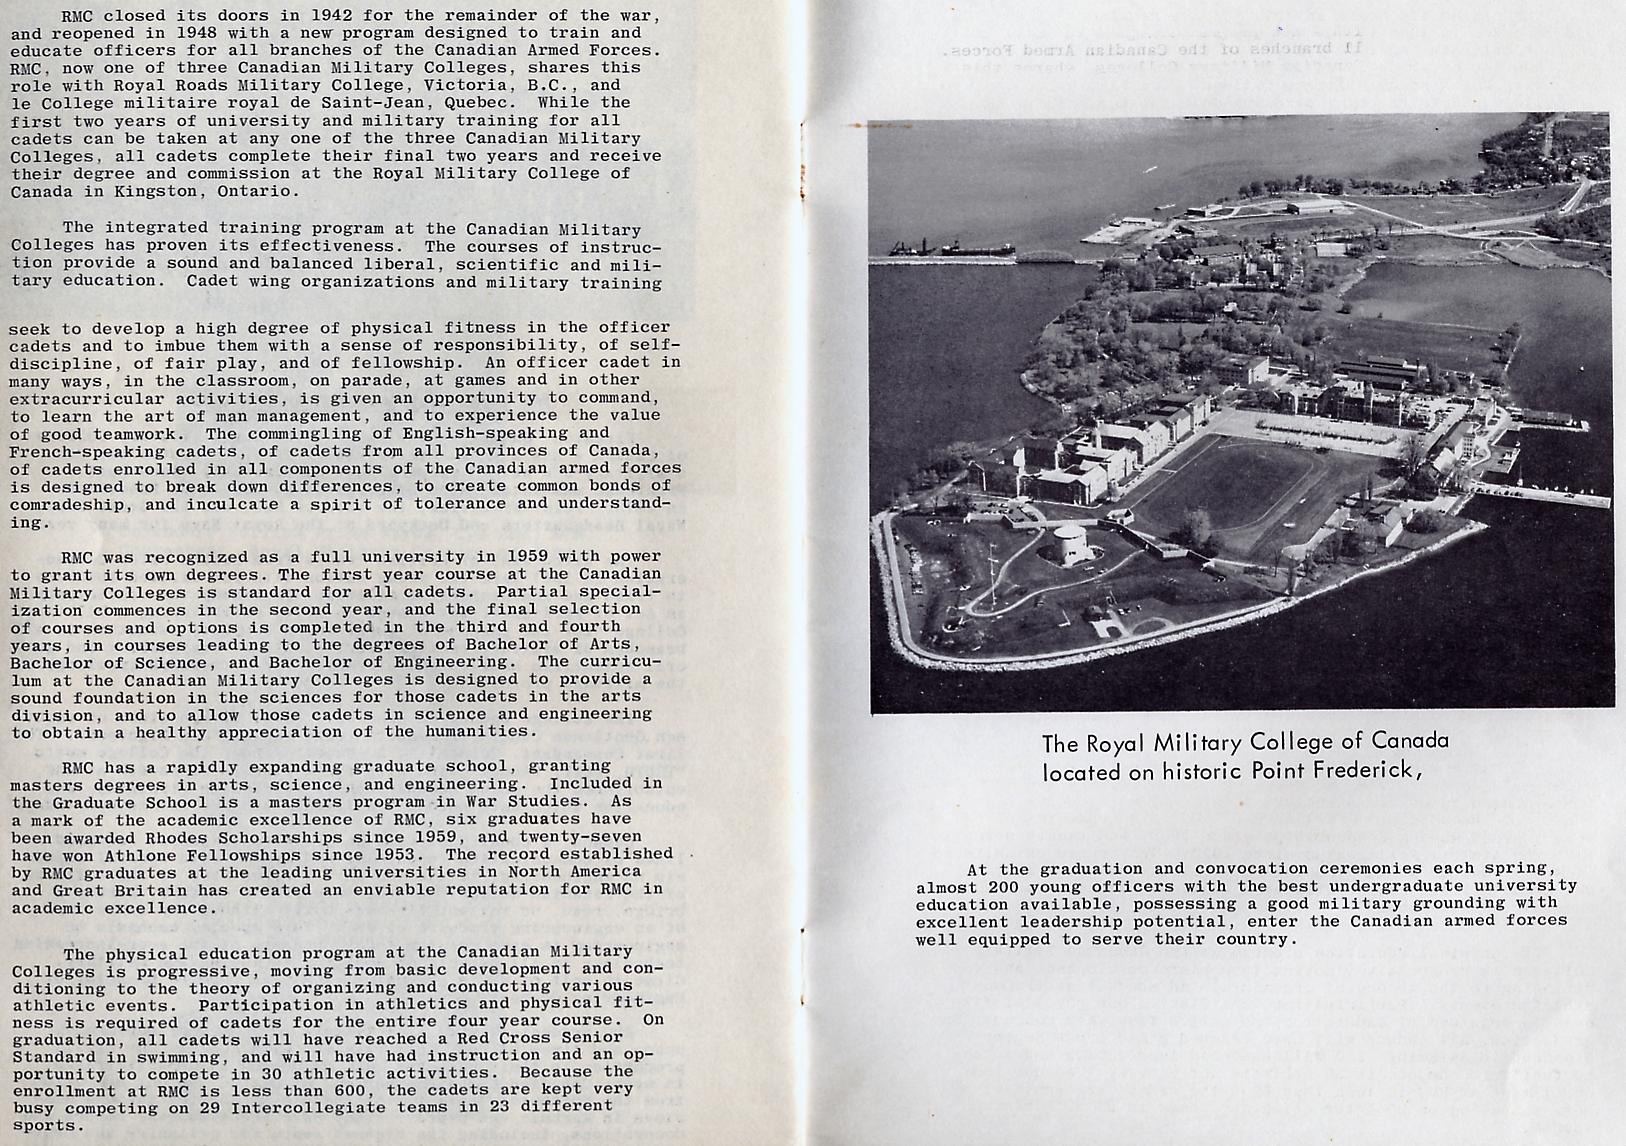 39_RMC-Westpoint Wkd-7-9 Mar 1969-P17-18